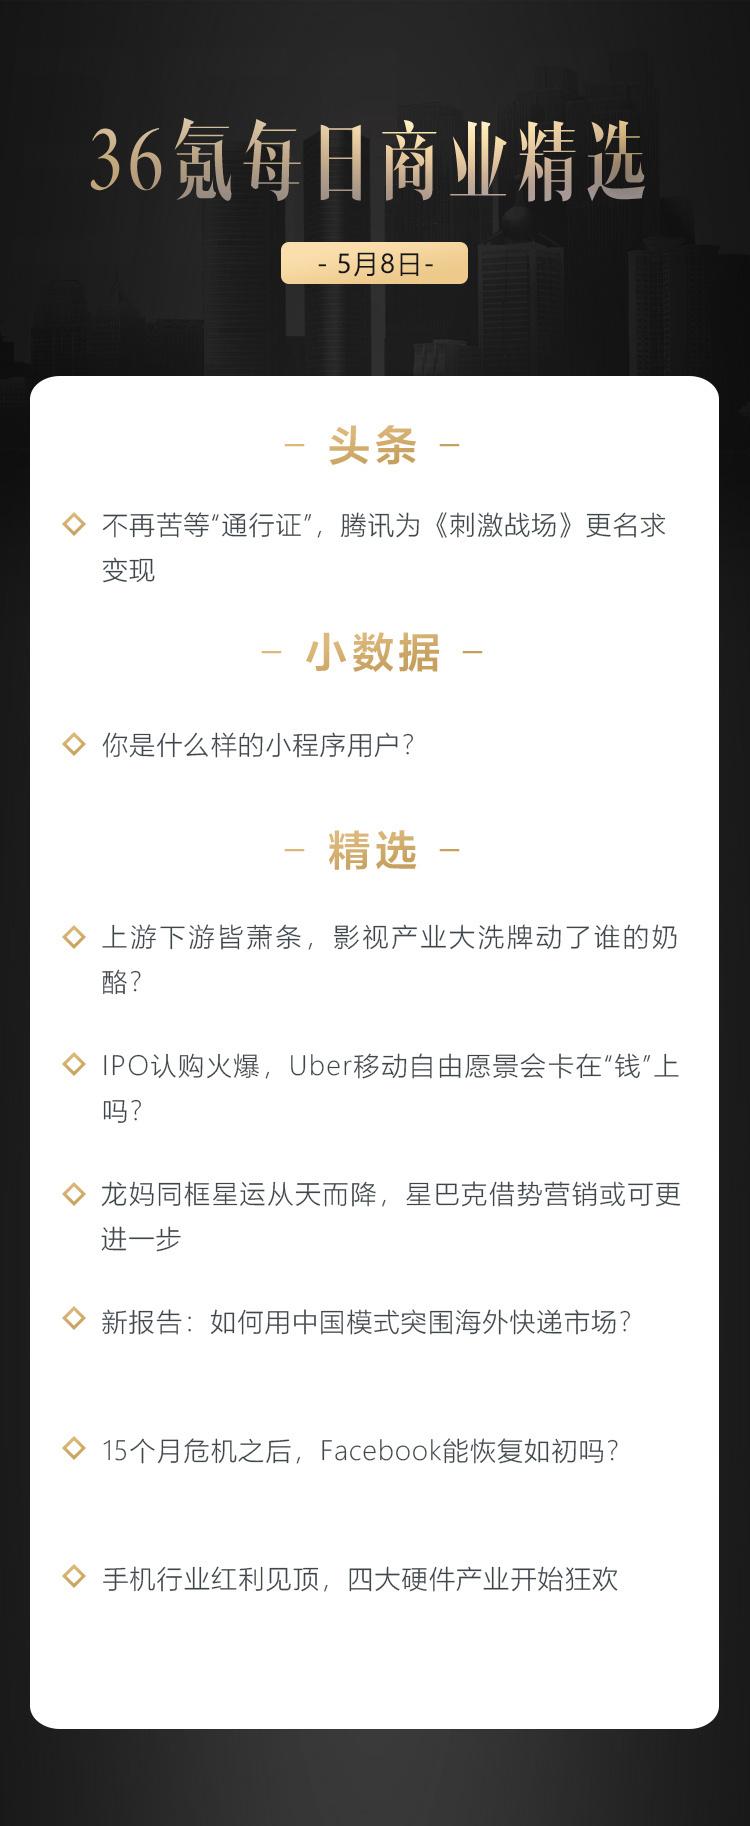 深度乐享牛牛棋牌,开元棋牌游戏,棋牌现金手机版资讯 | 新报告:如何用中国模式突围海外快递市场?